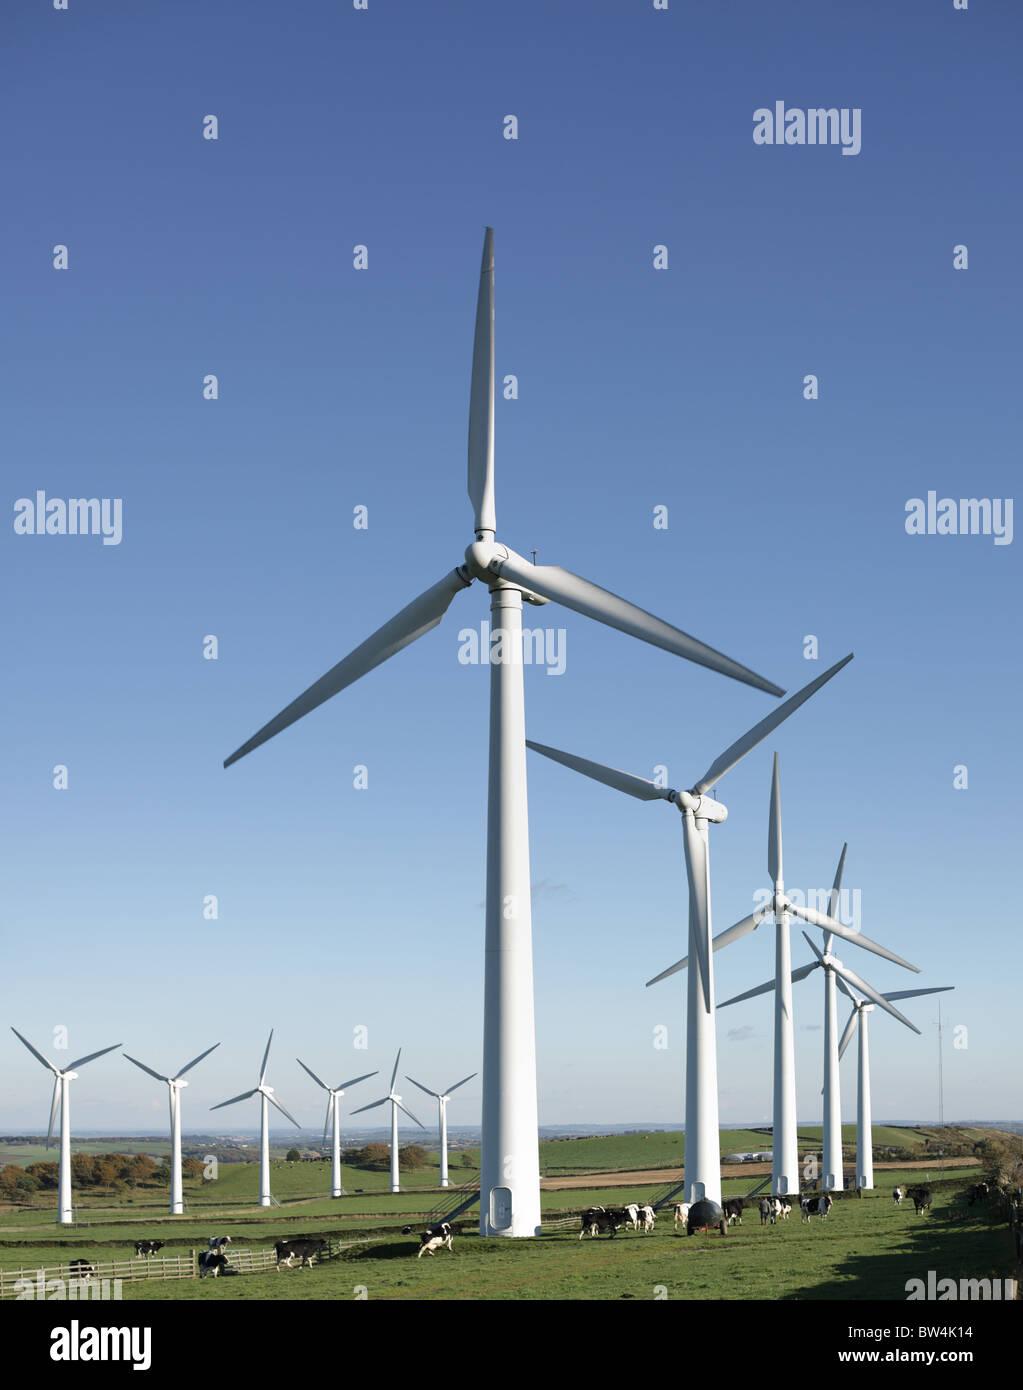 Éoliennes dans un parc d'éoliennes Banque D'Images